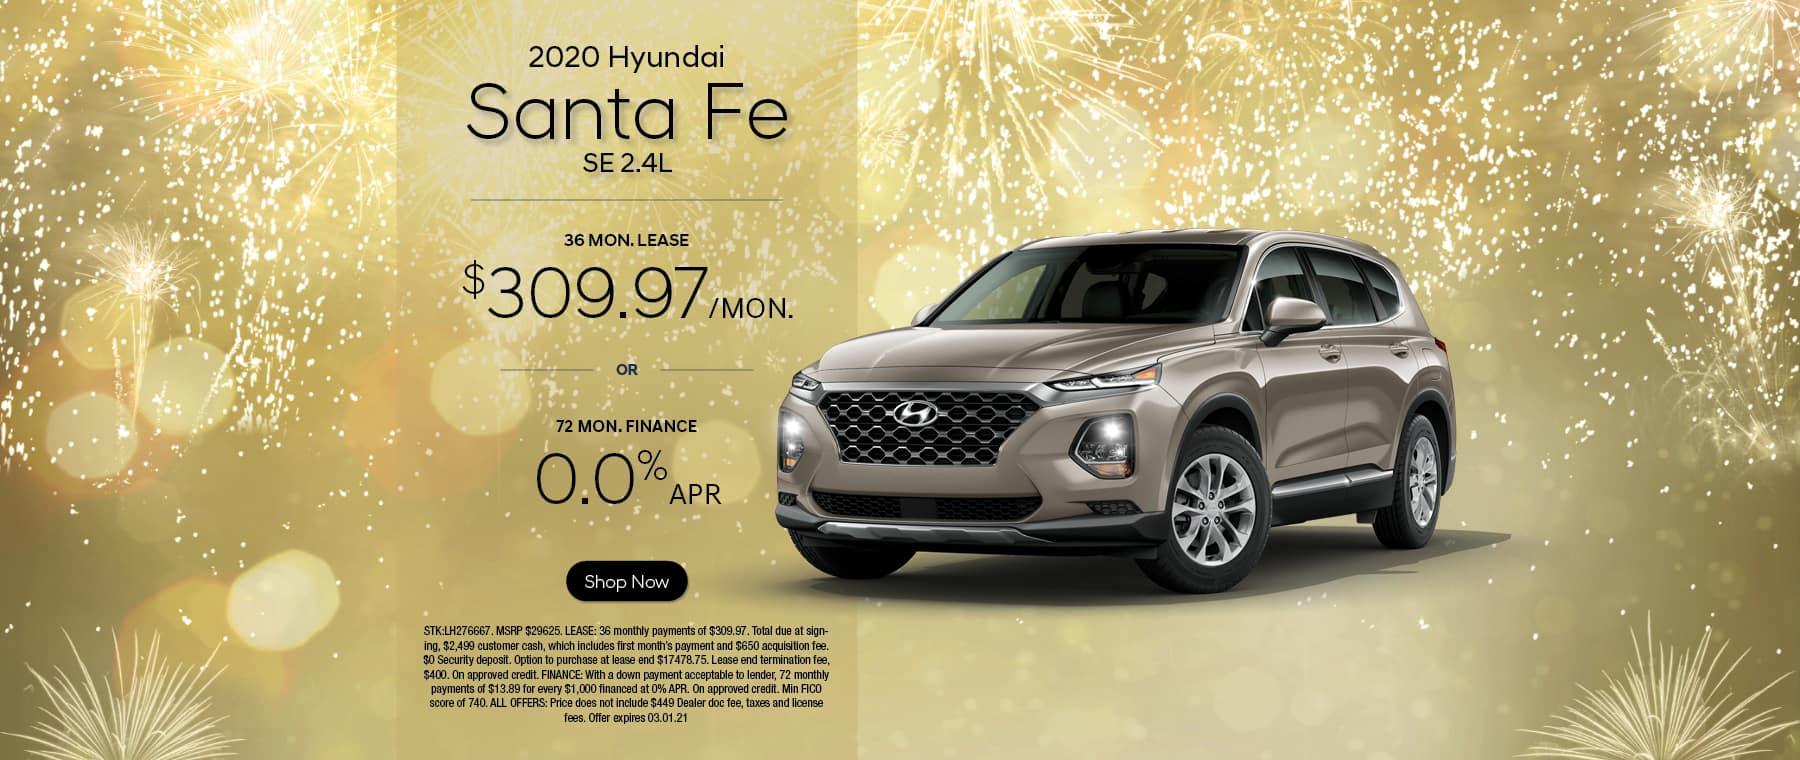 2020 Hyundai Santa Fe SE 2.4L